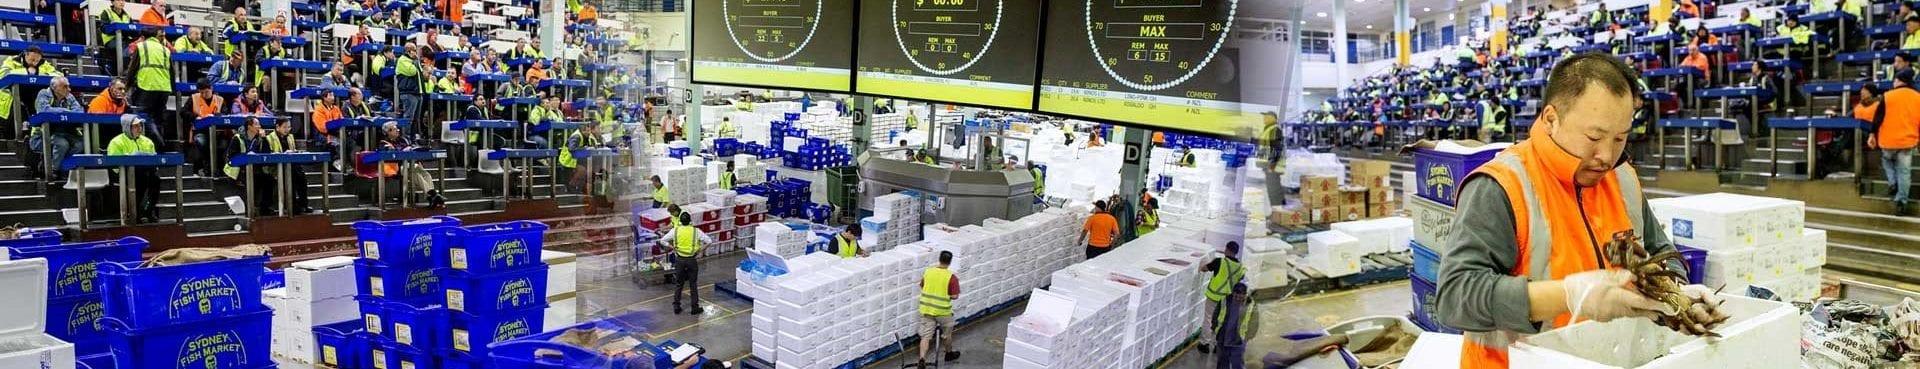 Sydney-Fish-Market-_Auction-e1610683199796